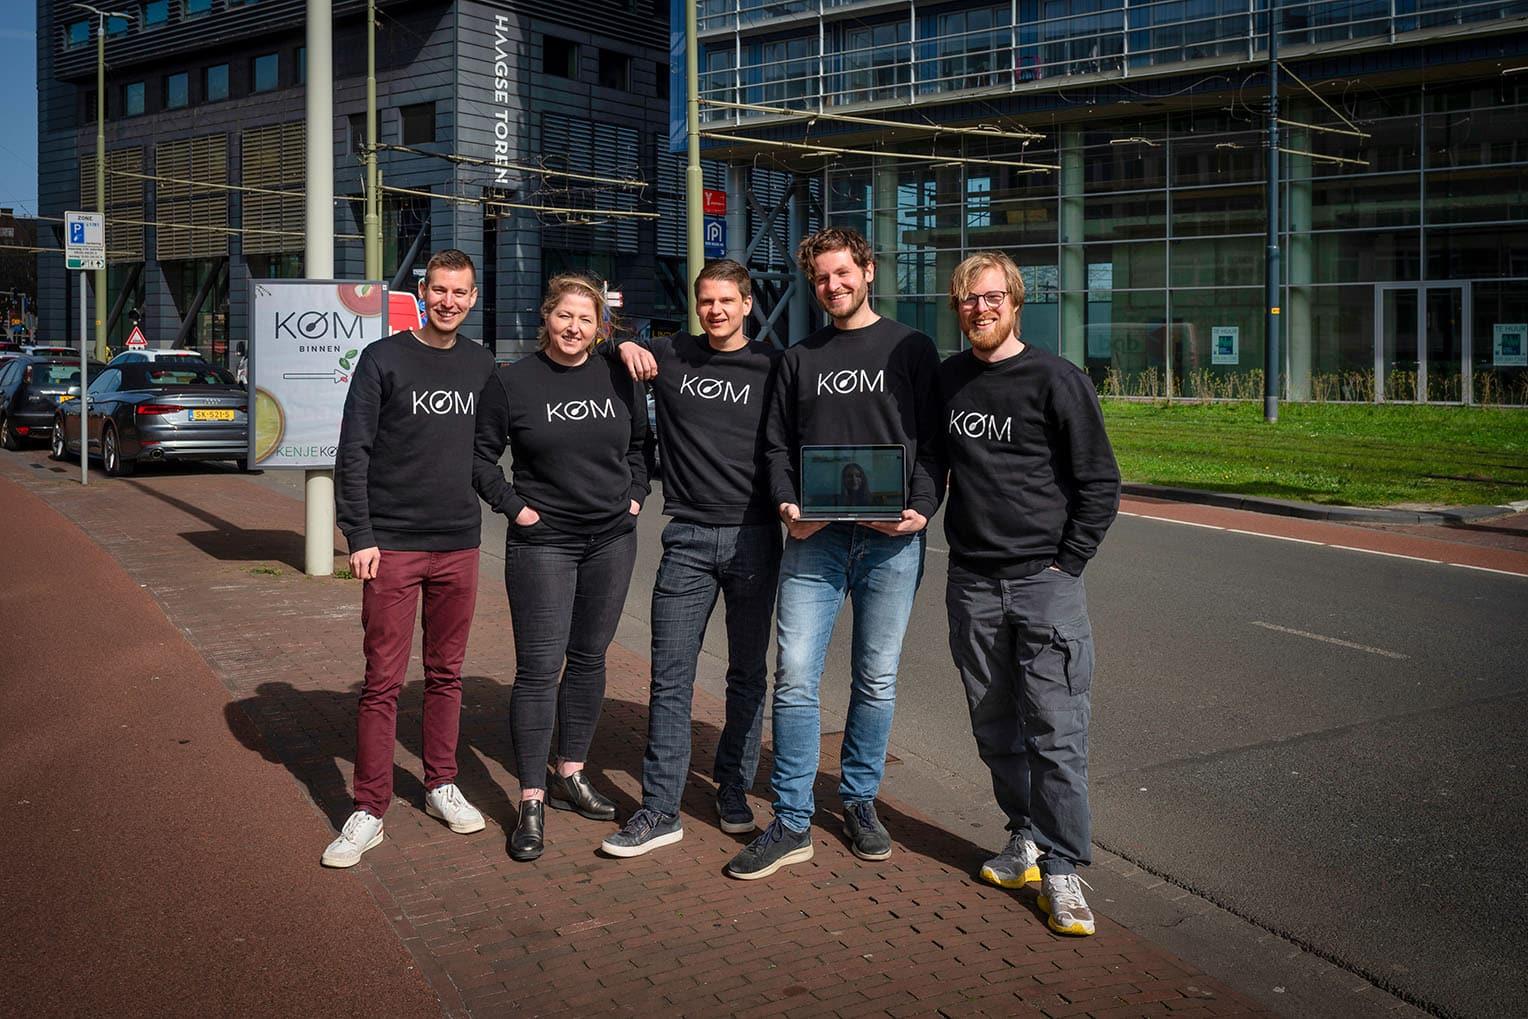 KOM Den Haag team